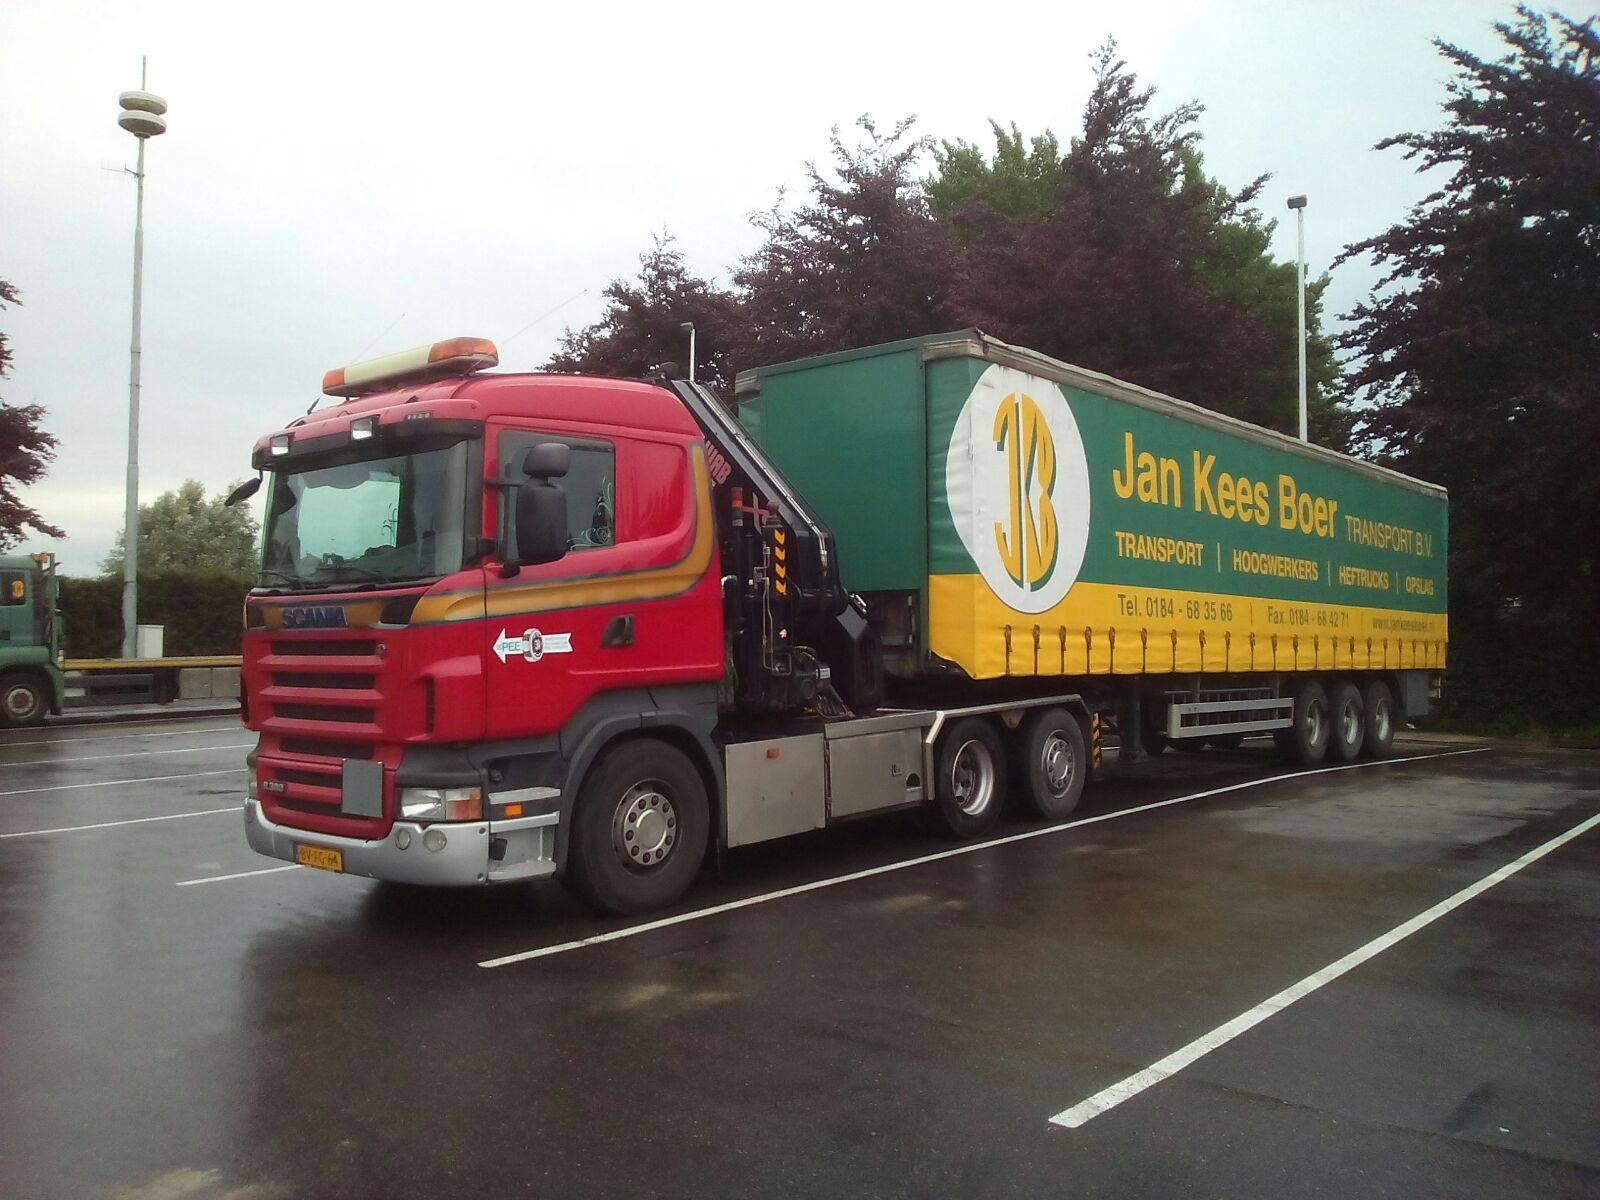 Jaco-vandaag-gereden-met-trailer-van-collega-Jan-Kees-Boer-Transport